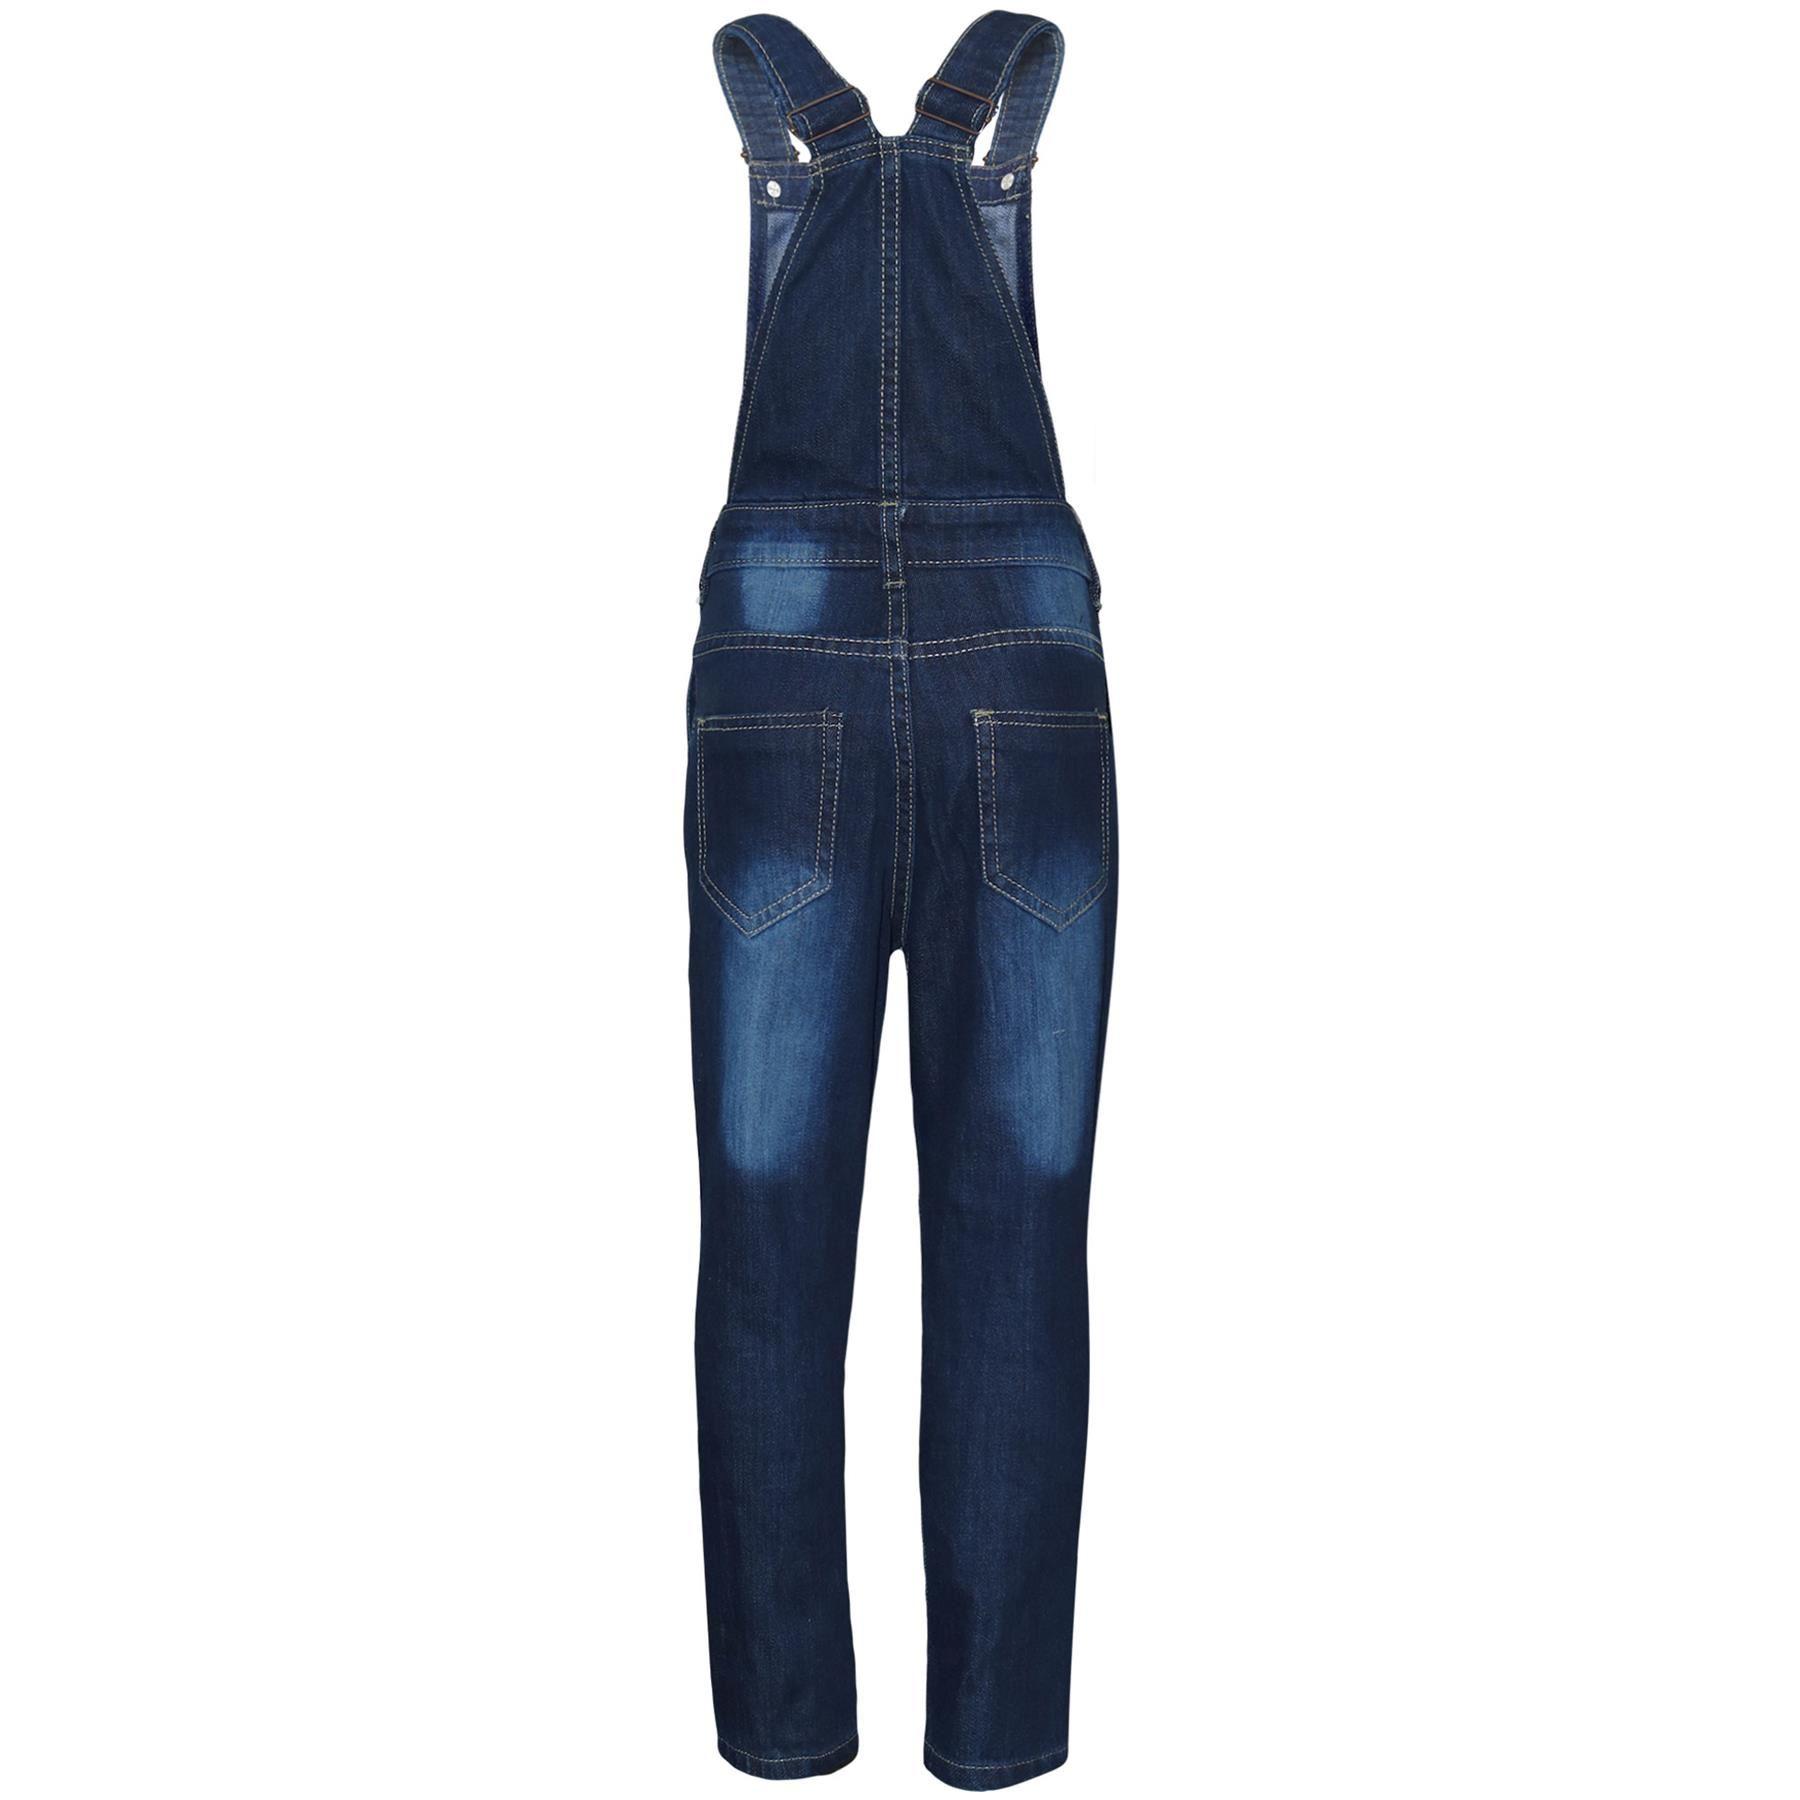 Indexbild 3 - Kinder Mädchen Denim Latzhose Knie Zerrissen Dunkelblau Jeans Overall Mode